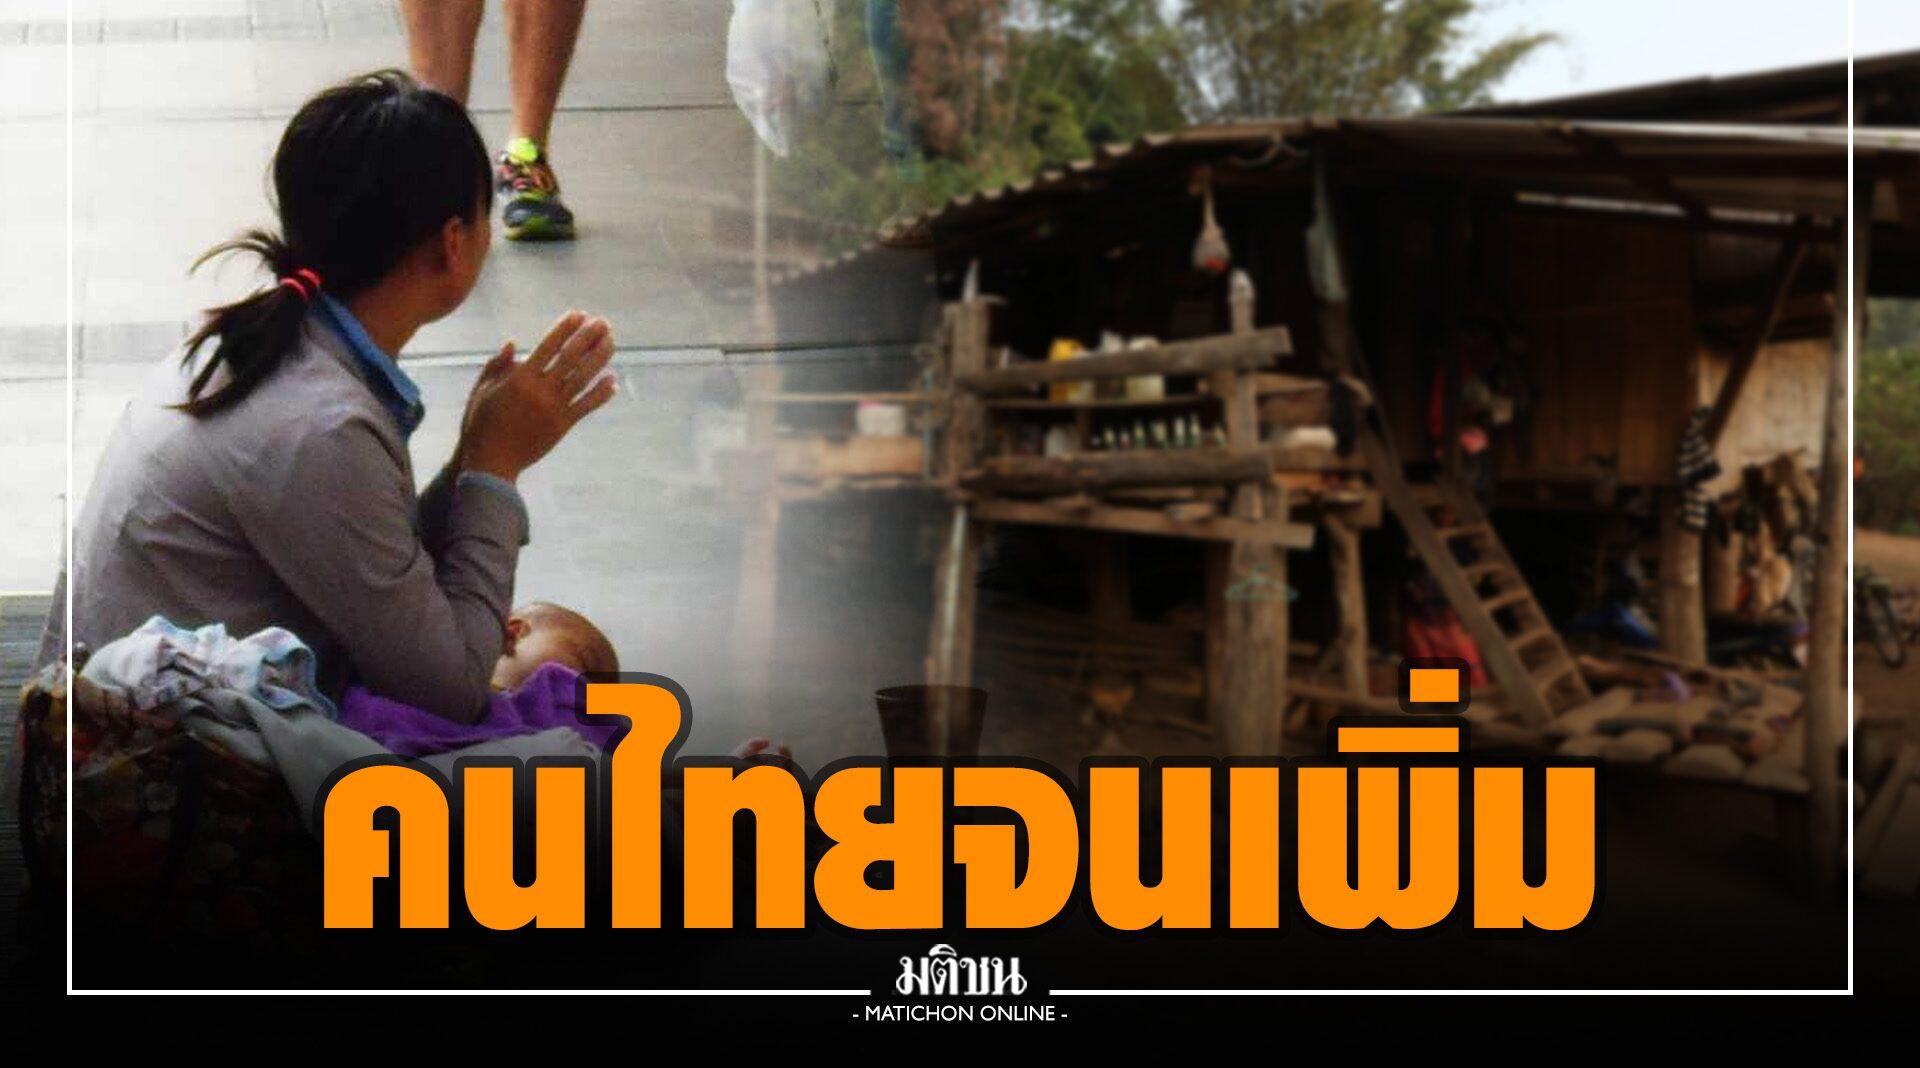 คนไทยจนเพิ่ม 1.5 ล้านคน 'ธนาคารโลก' ชี้ 'แรงงาน' เปราะบาง ต้องเพิ่มทักษะ